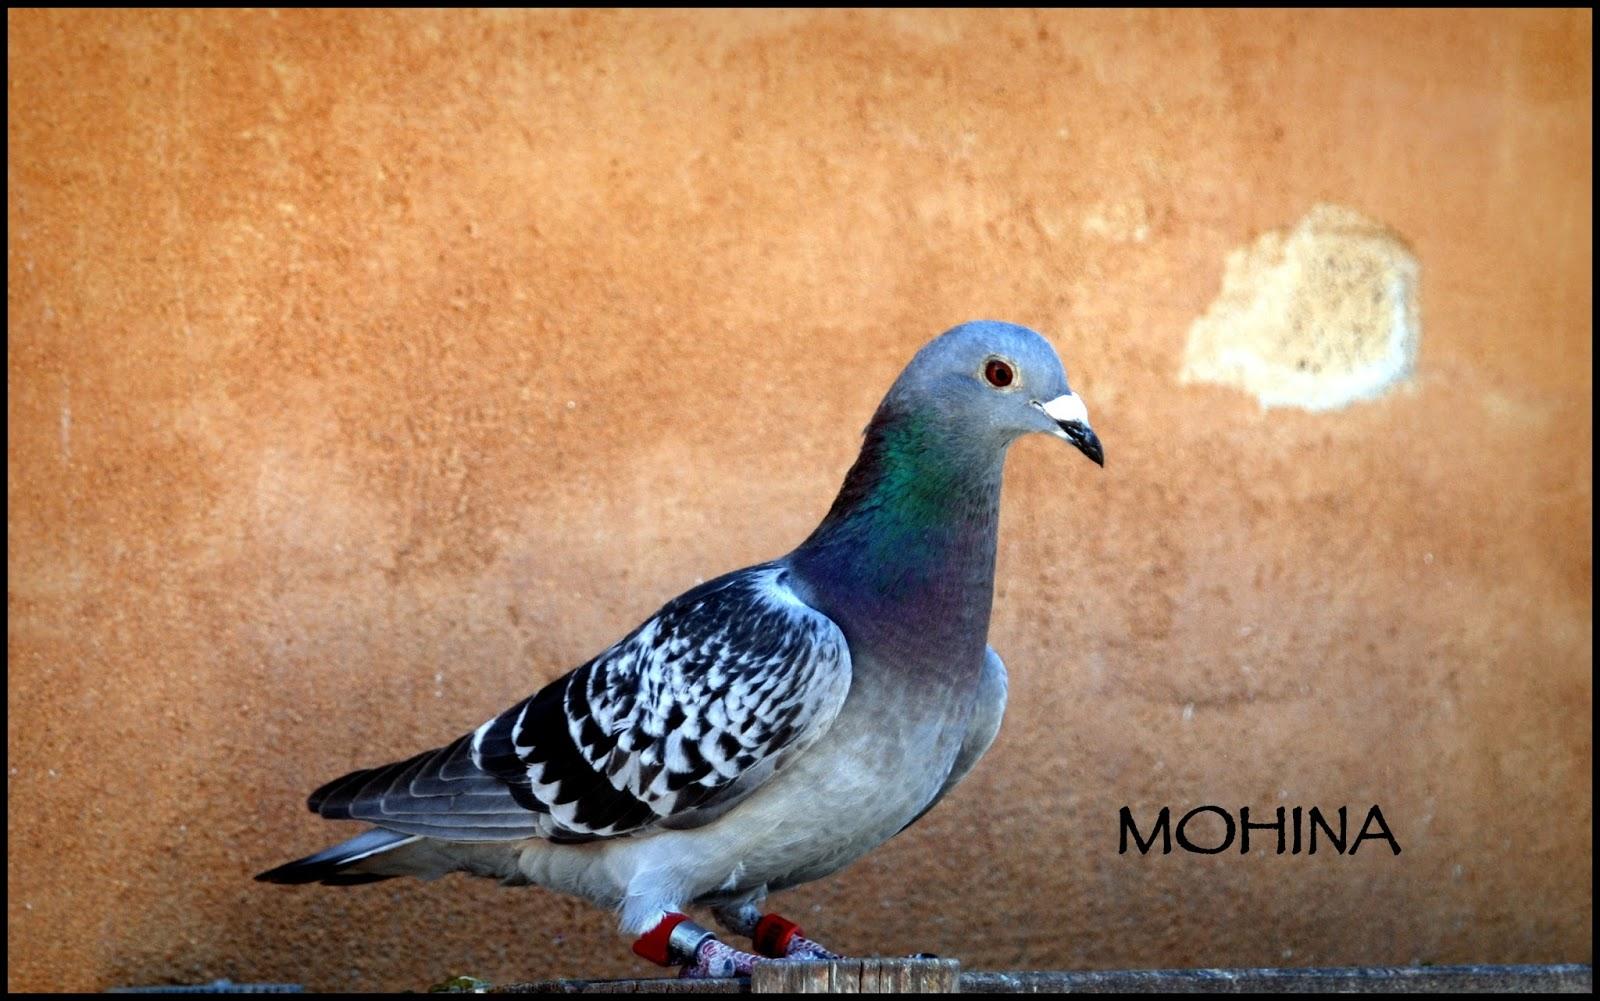 Mohína